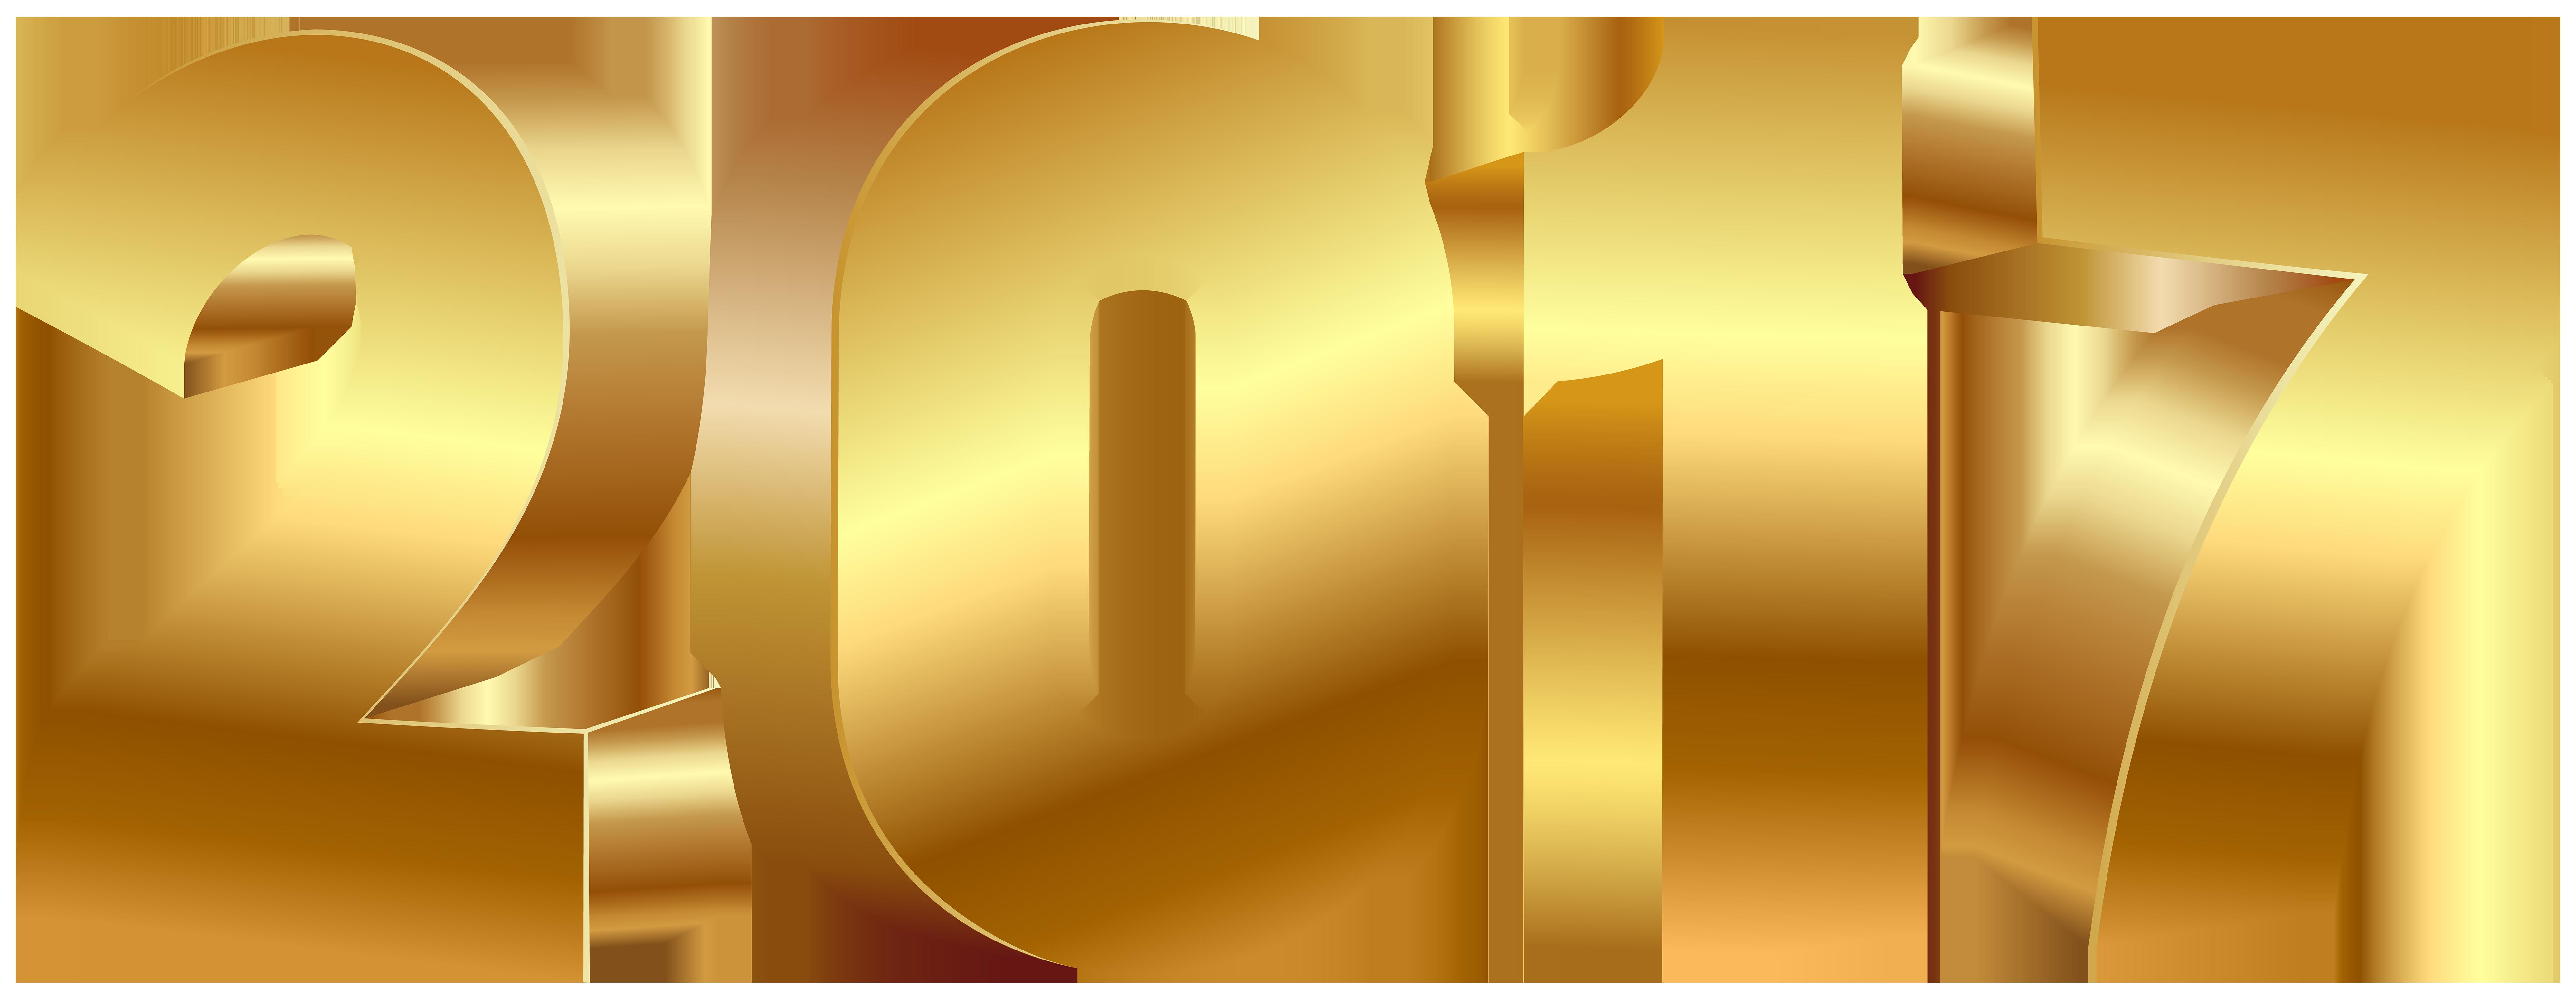 Картинки с надписью 2017 год, надписями